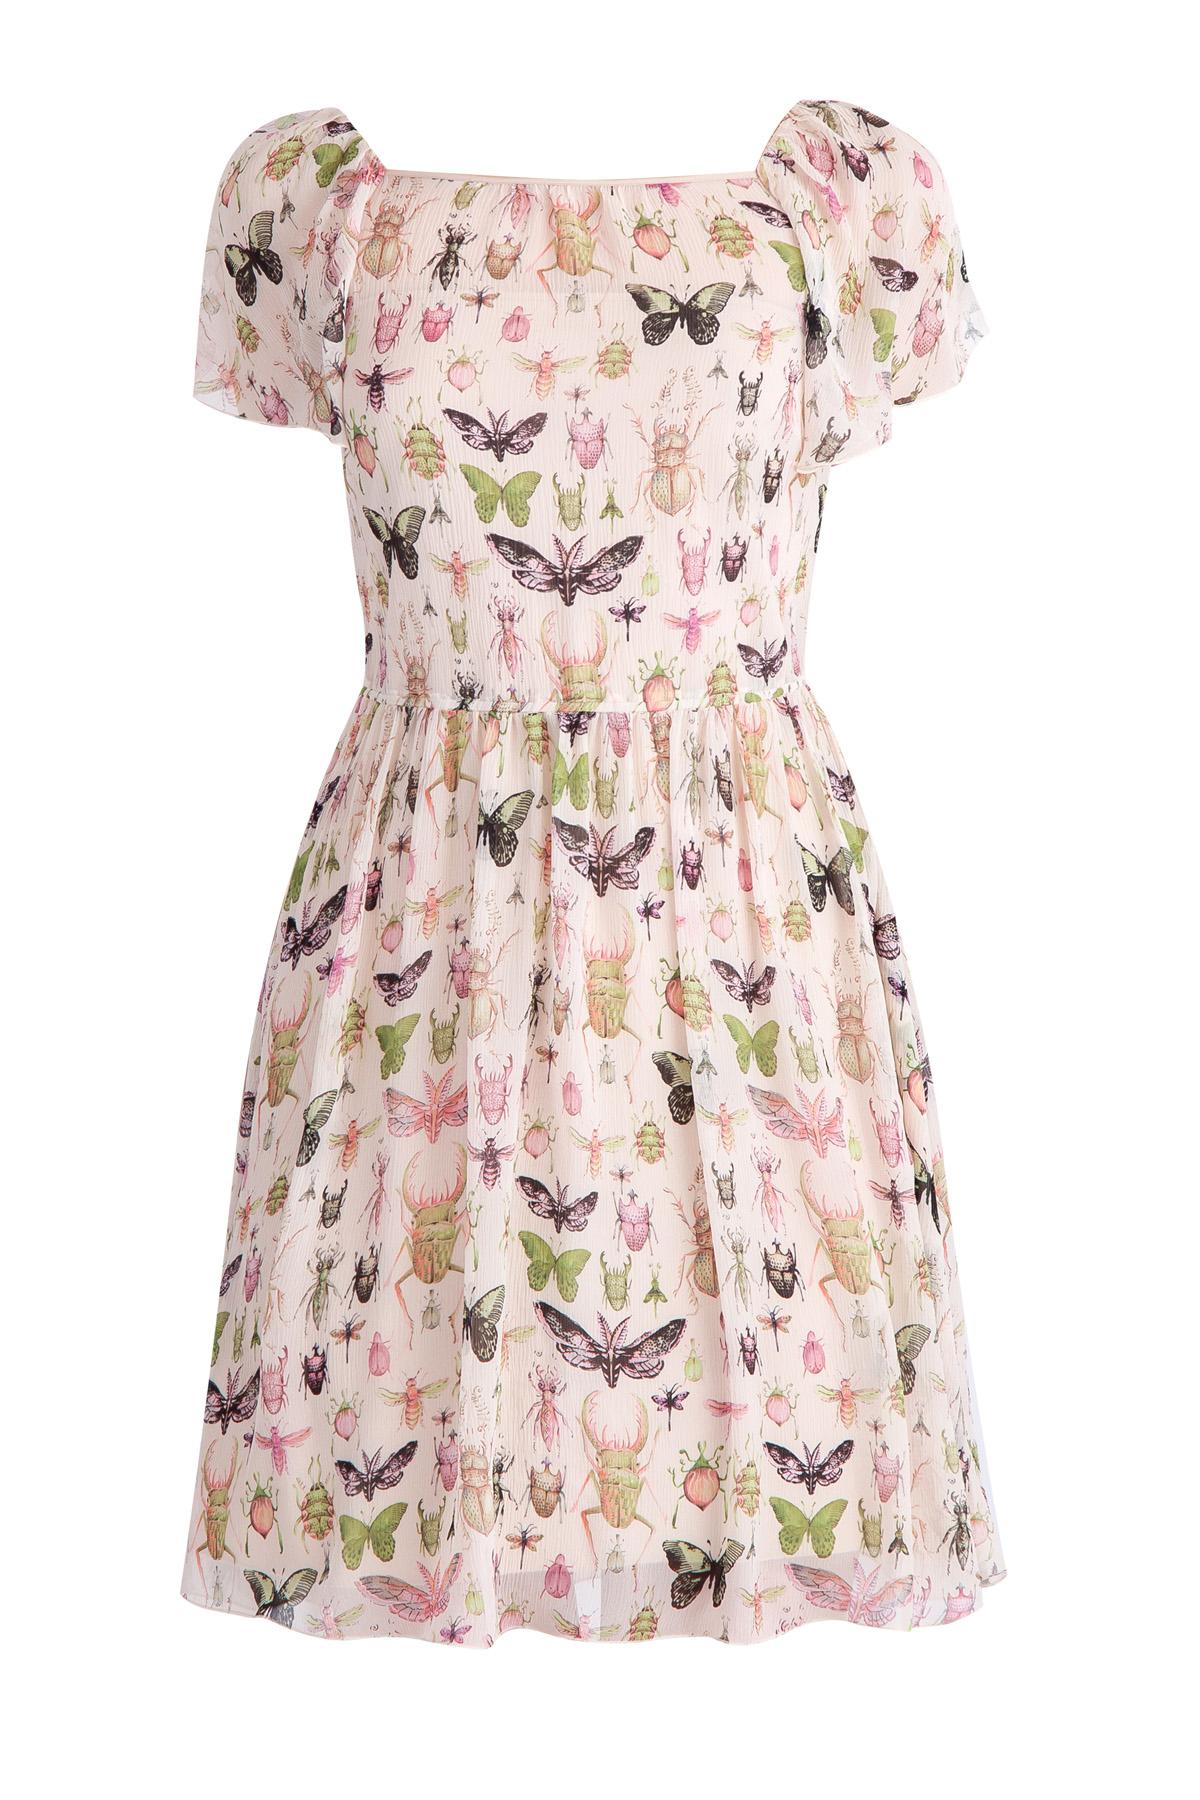 Купить со скидкой Платье из крепового шелка с принтом «Насекомые» и мягкими оборками